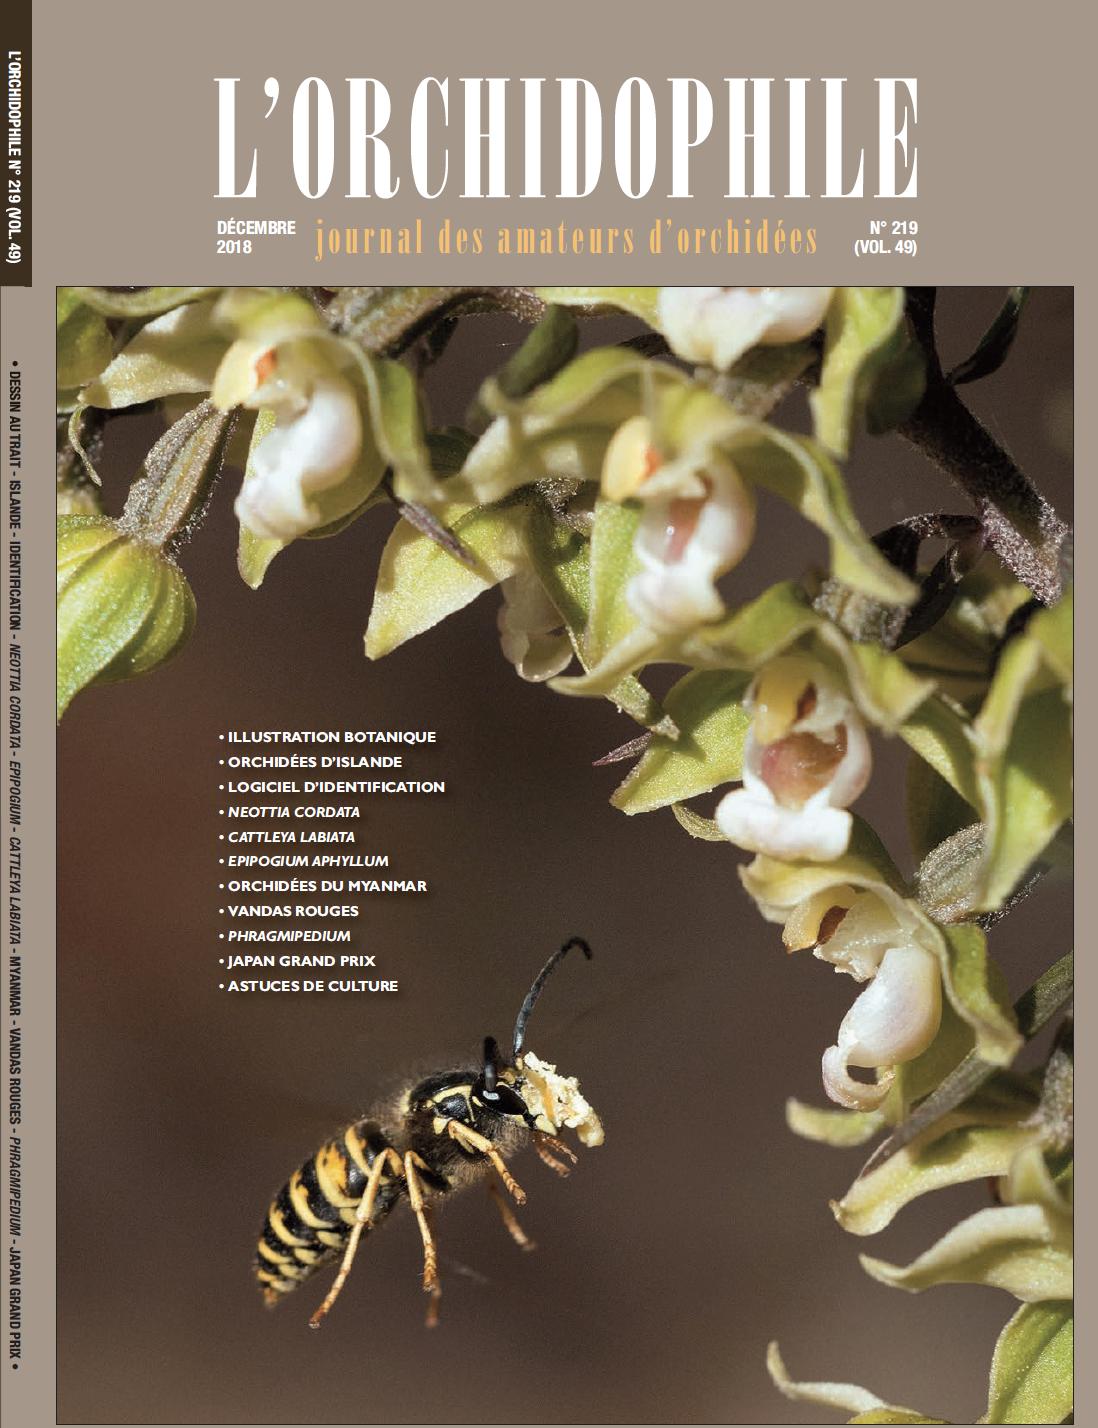 L'Orchidophile n°219 décembre 2018 Magazine des amateurs d'orchidées. Association orchidées. Société Française d'Orchidophilie - SFO